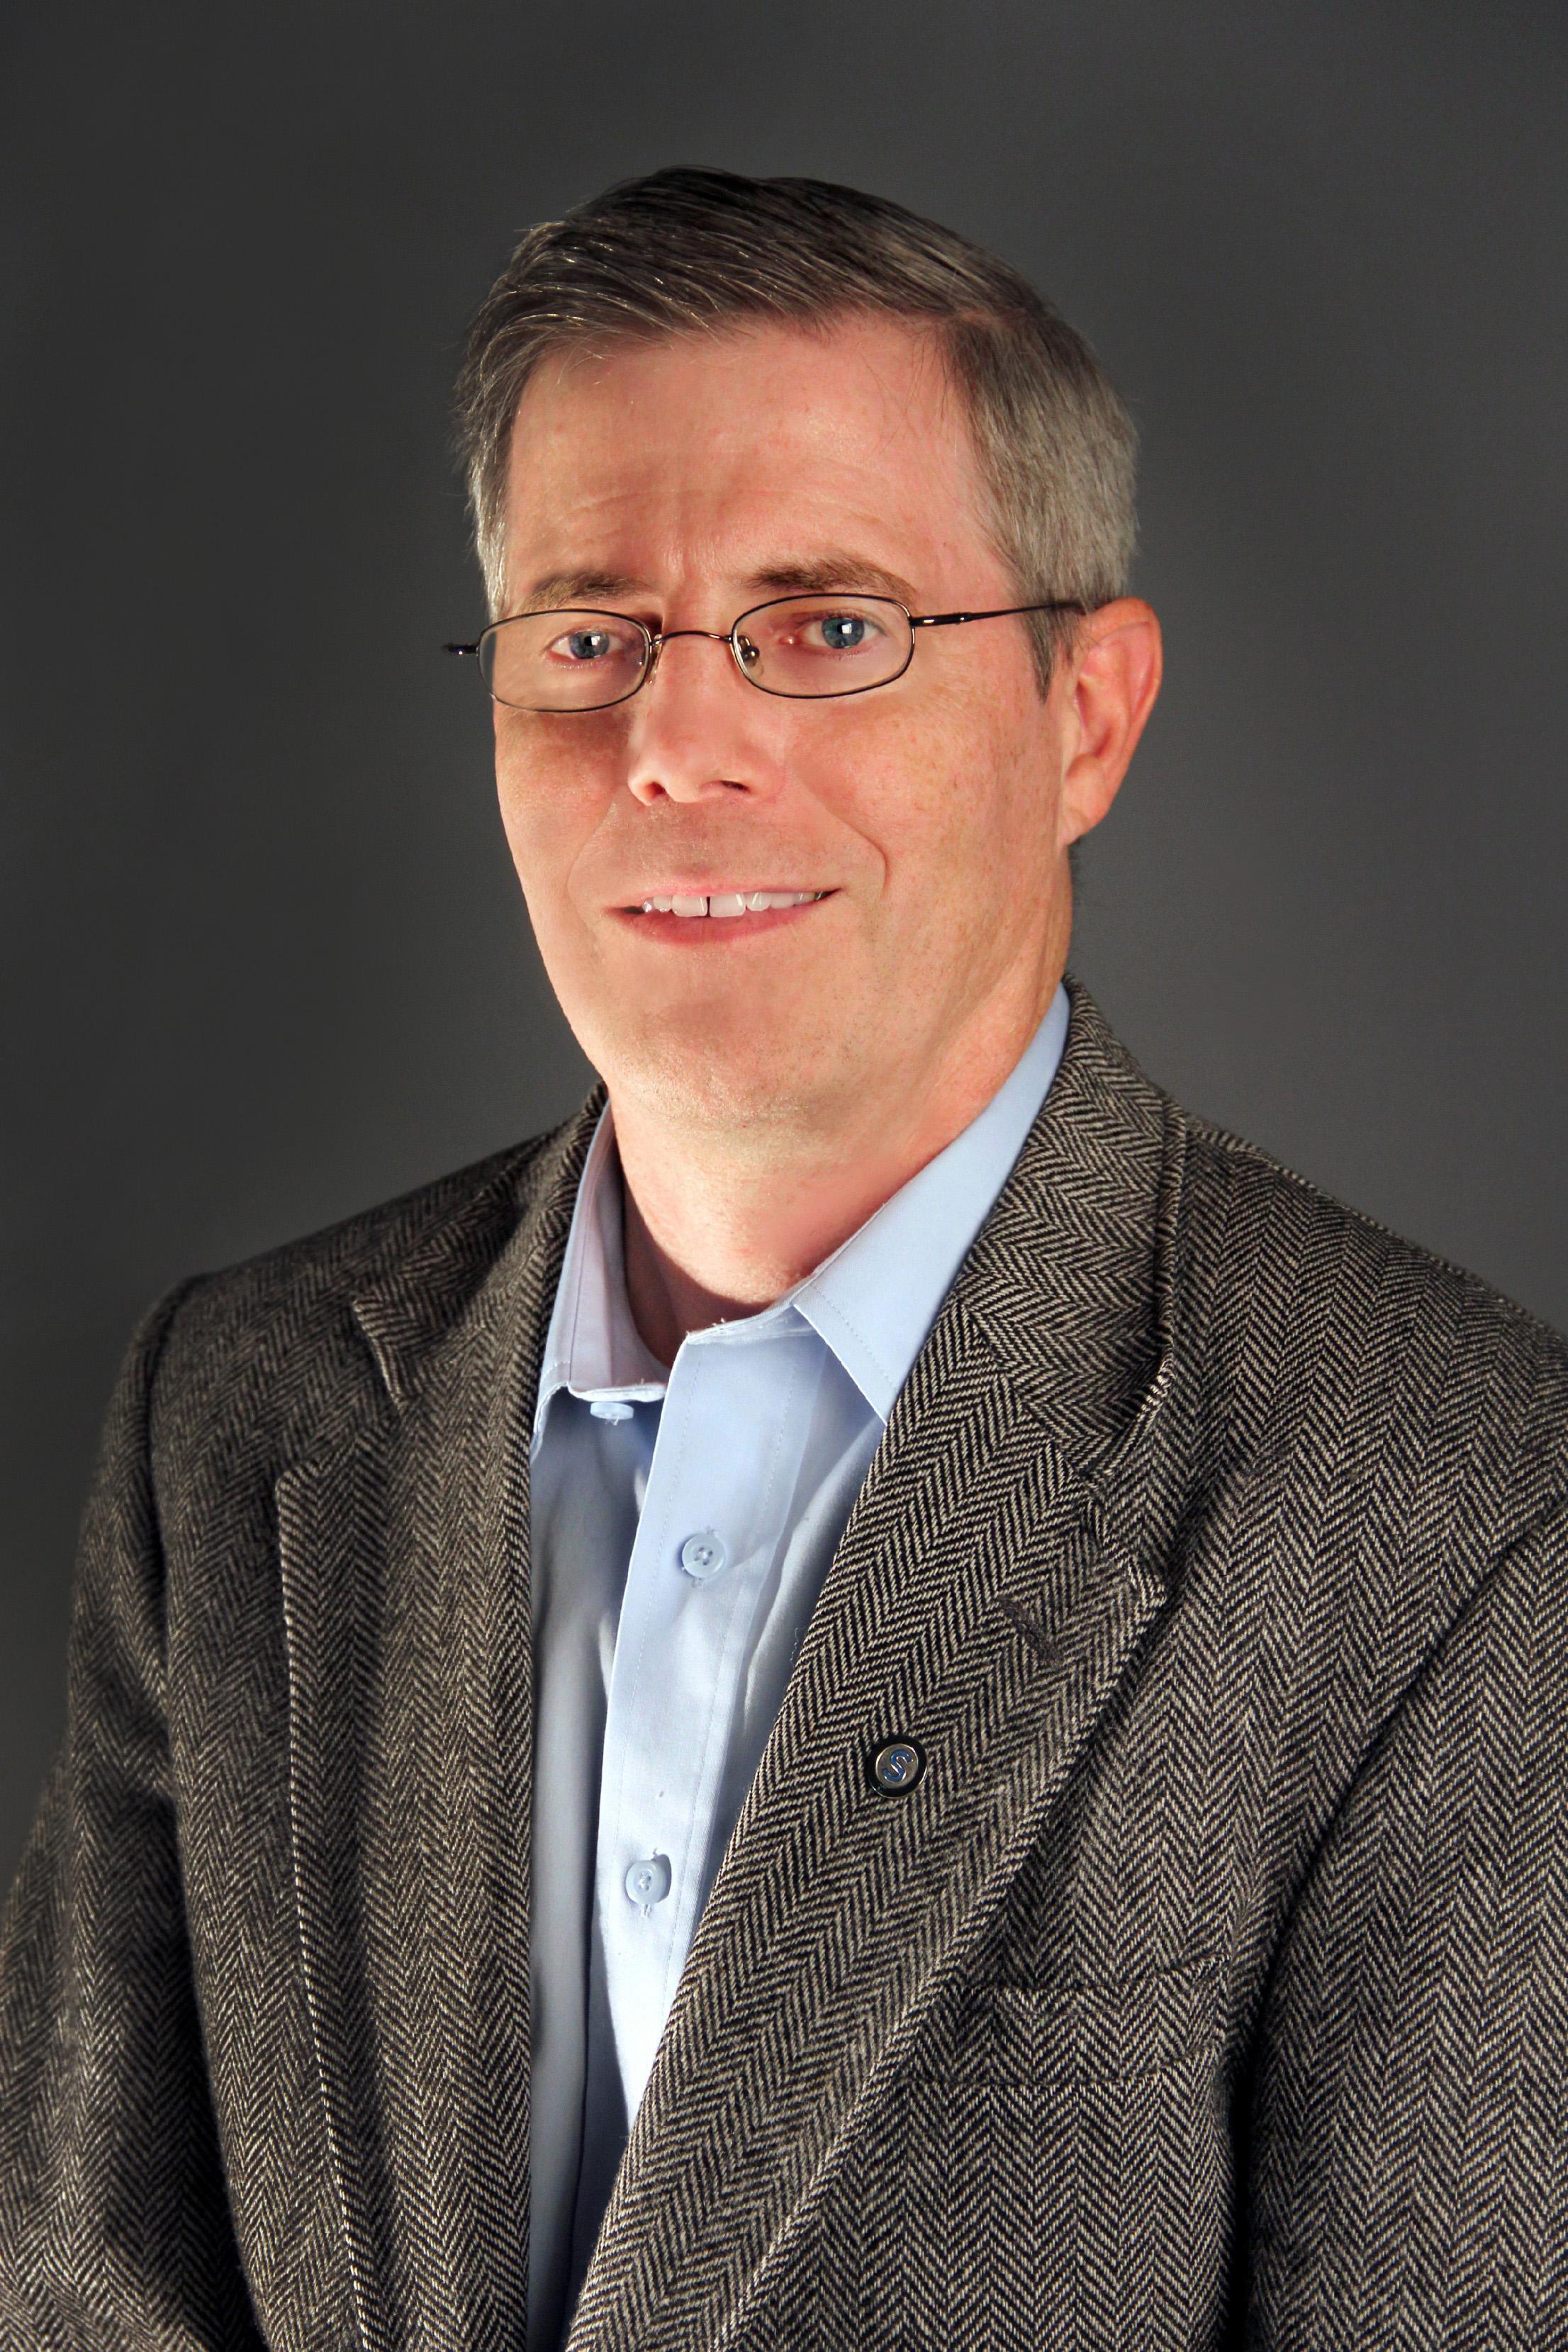 David Ruggles, PE